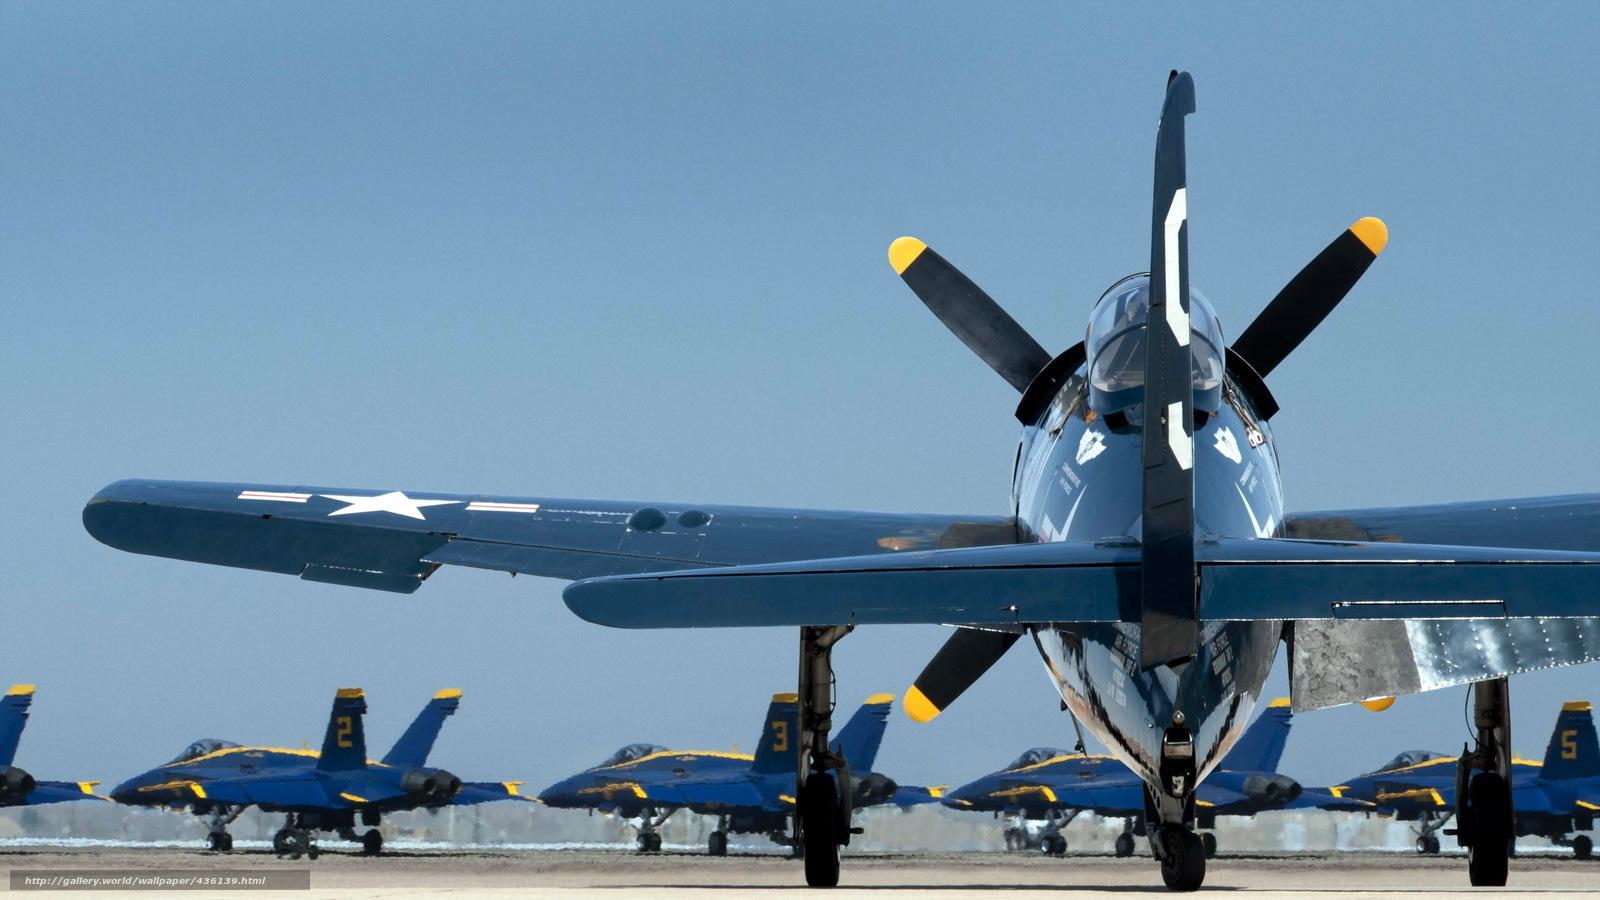 Скачать обои самолёты,  аэродром,  авиация бесплатно для рабочего стола в разрешении 2560x1440 — картинка №436139